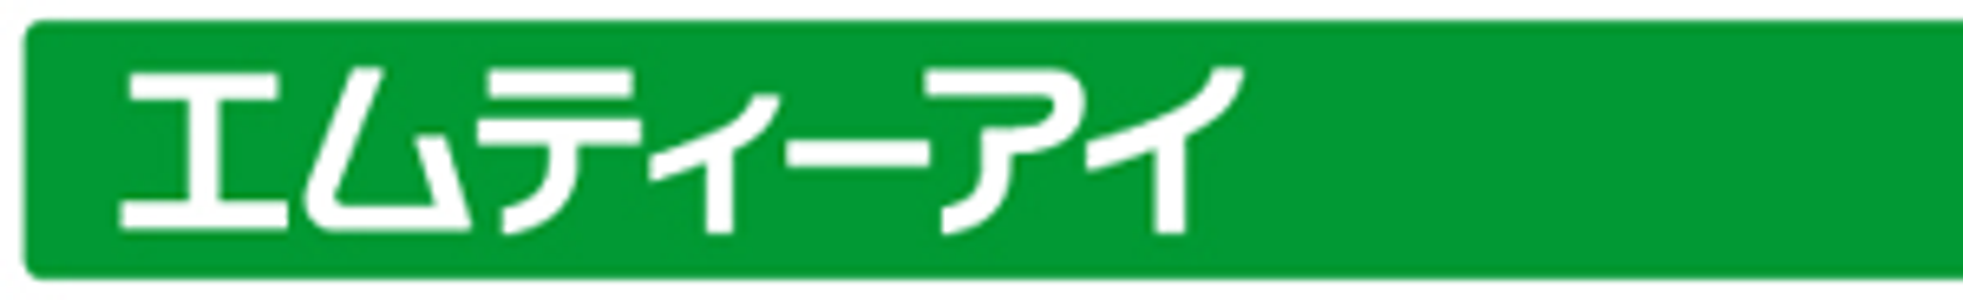 エムティーアロゴ